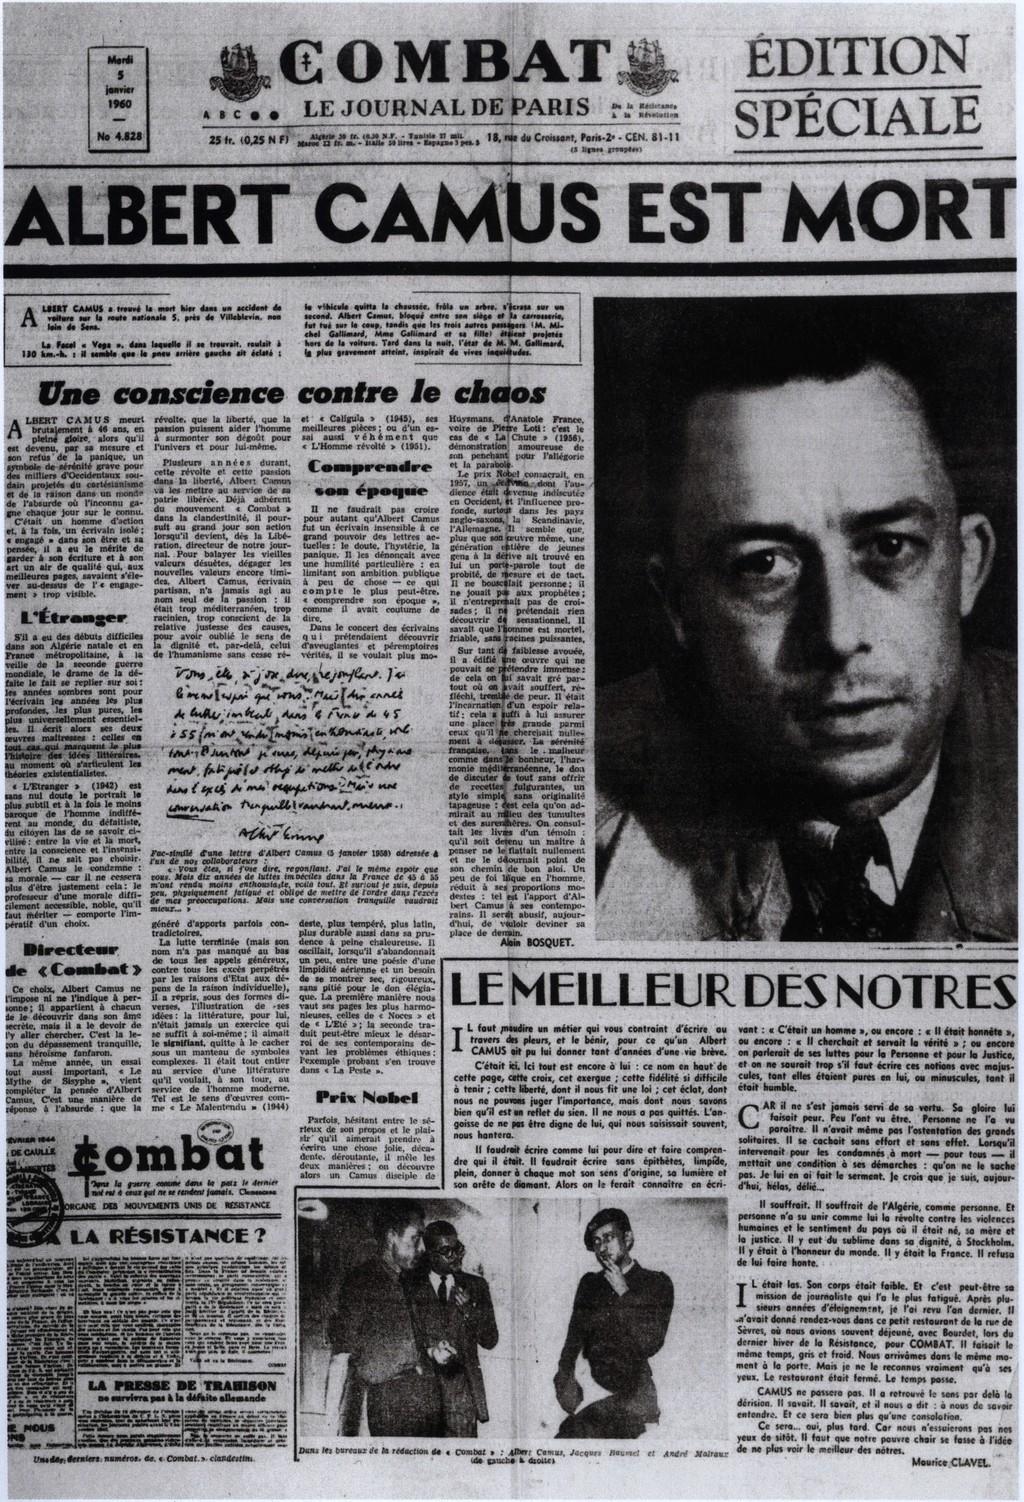 """Noticia de la muerte de Albert Camus en el periódico """"Combat"""""""